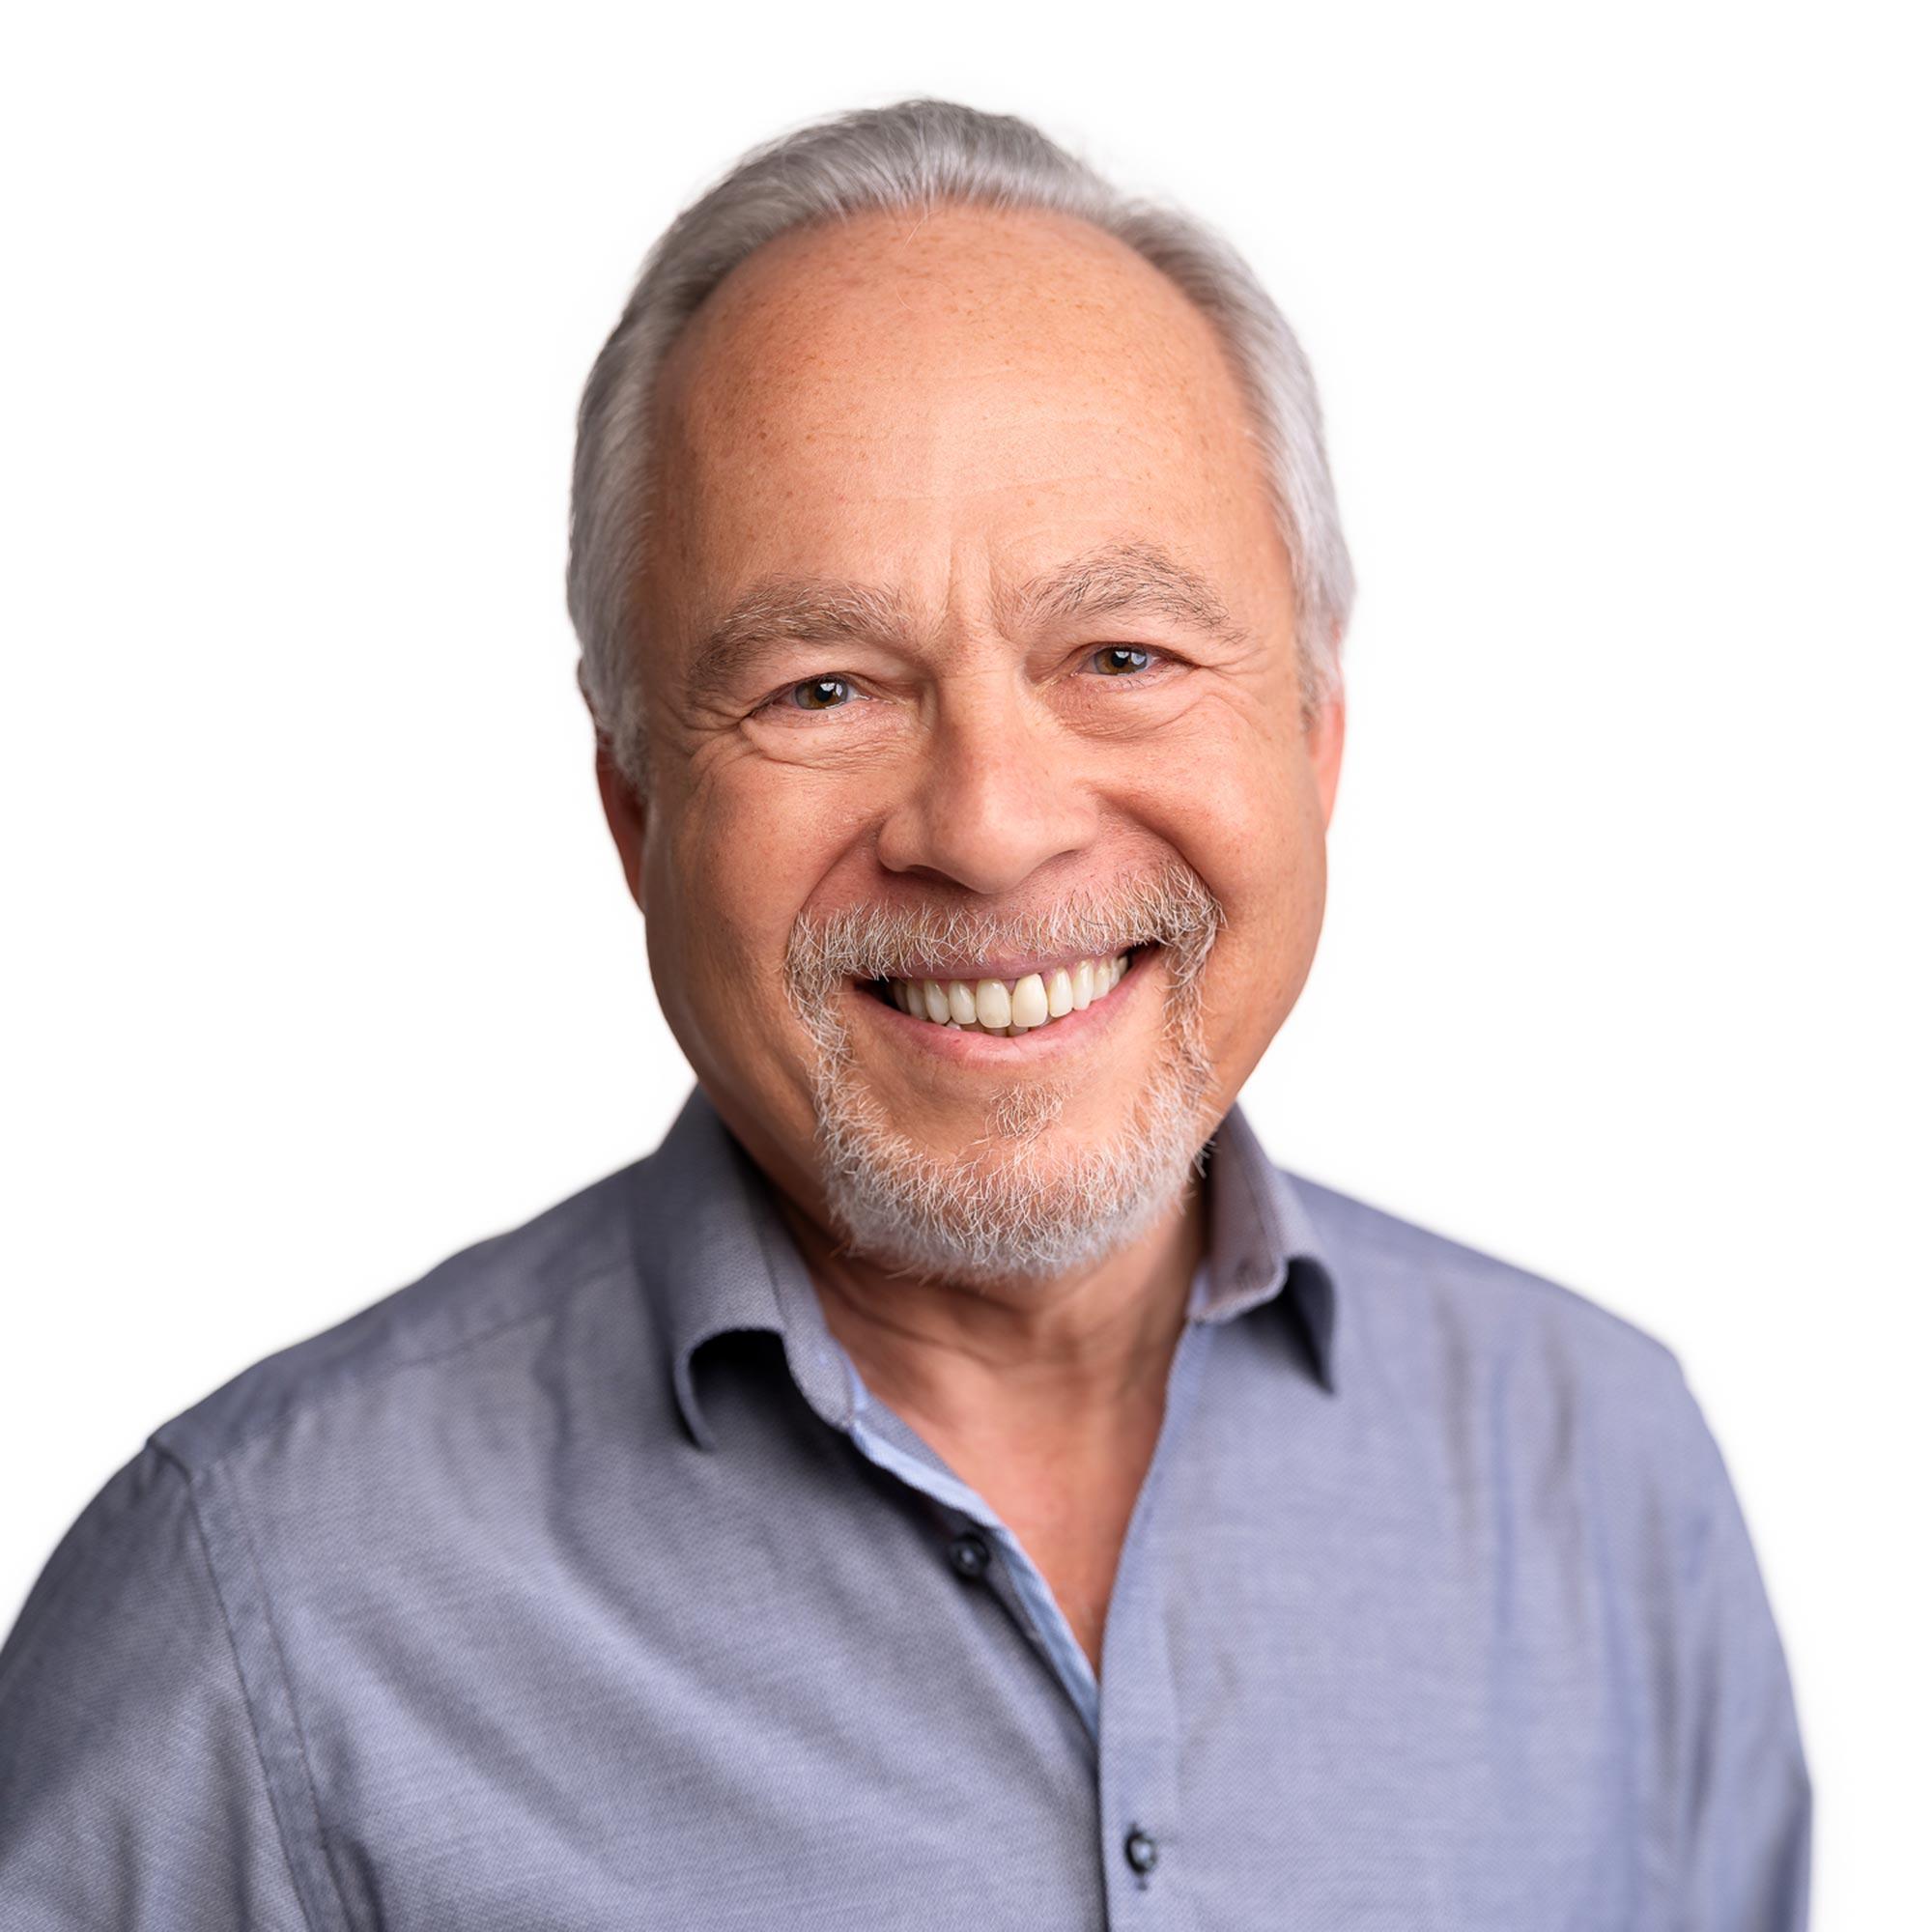 Dr. Eric Posen